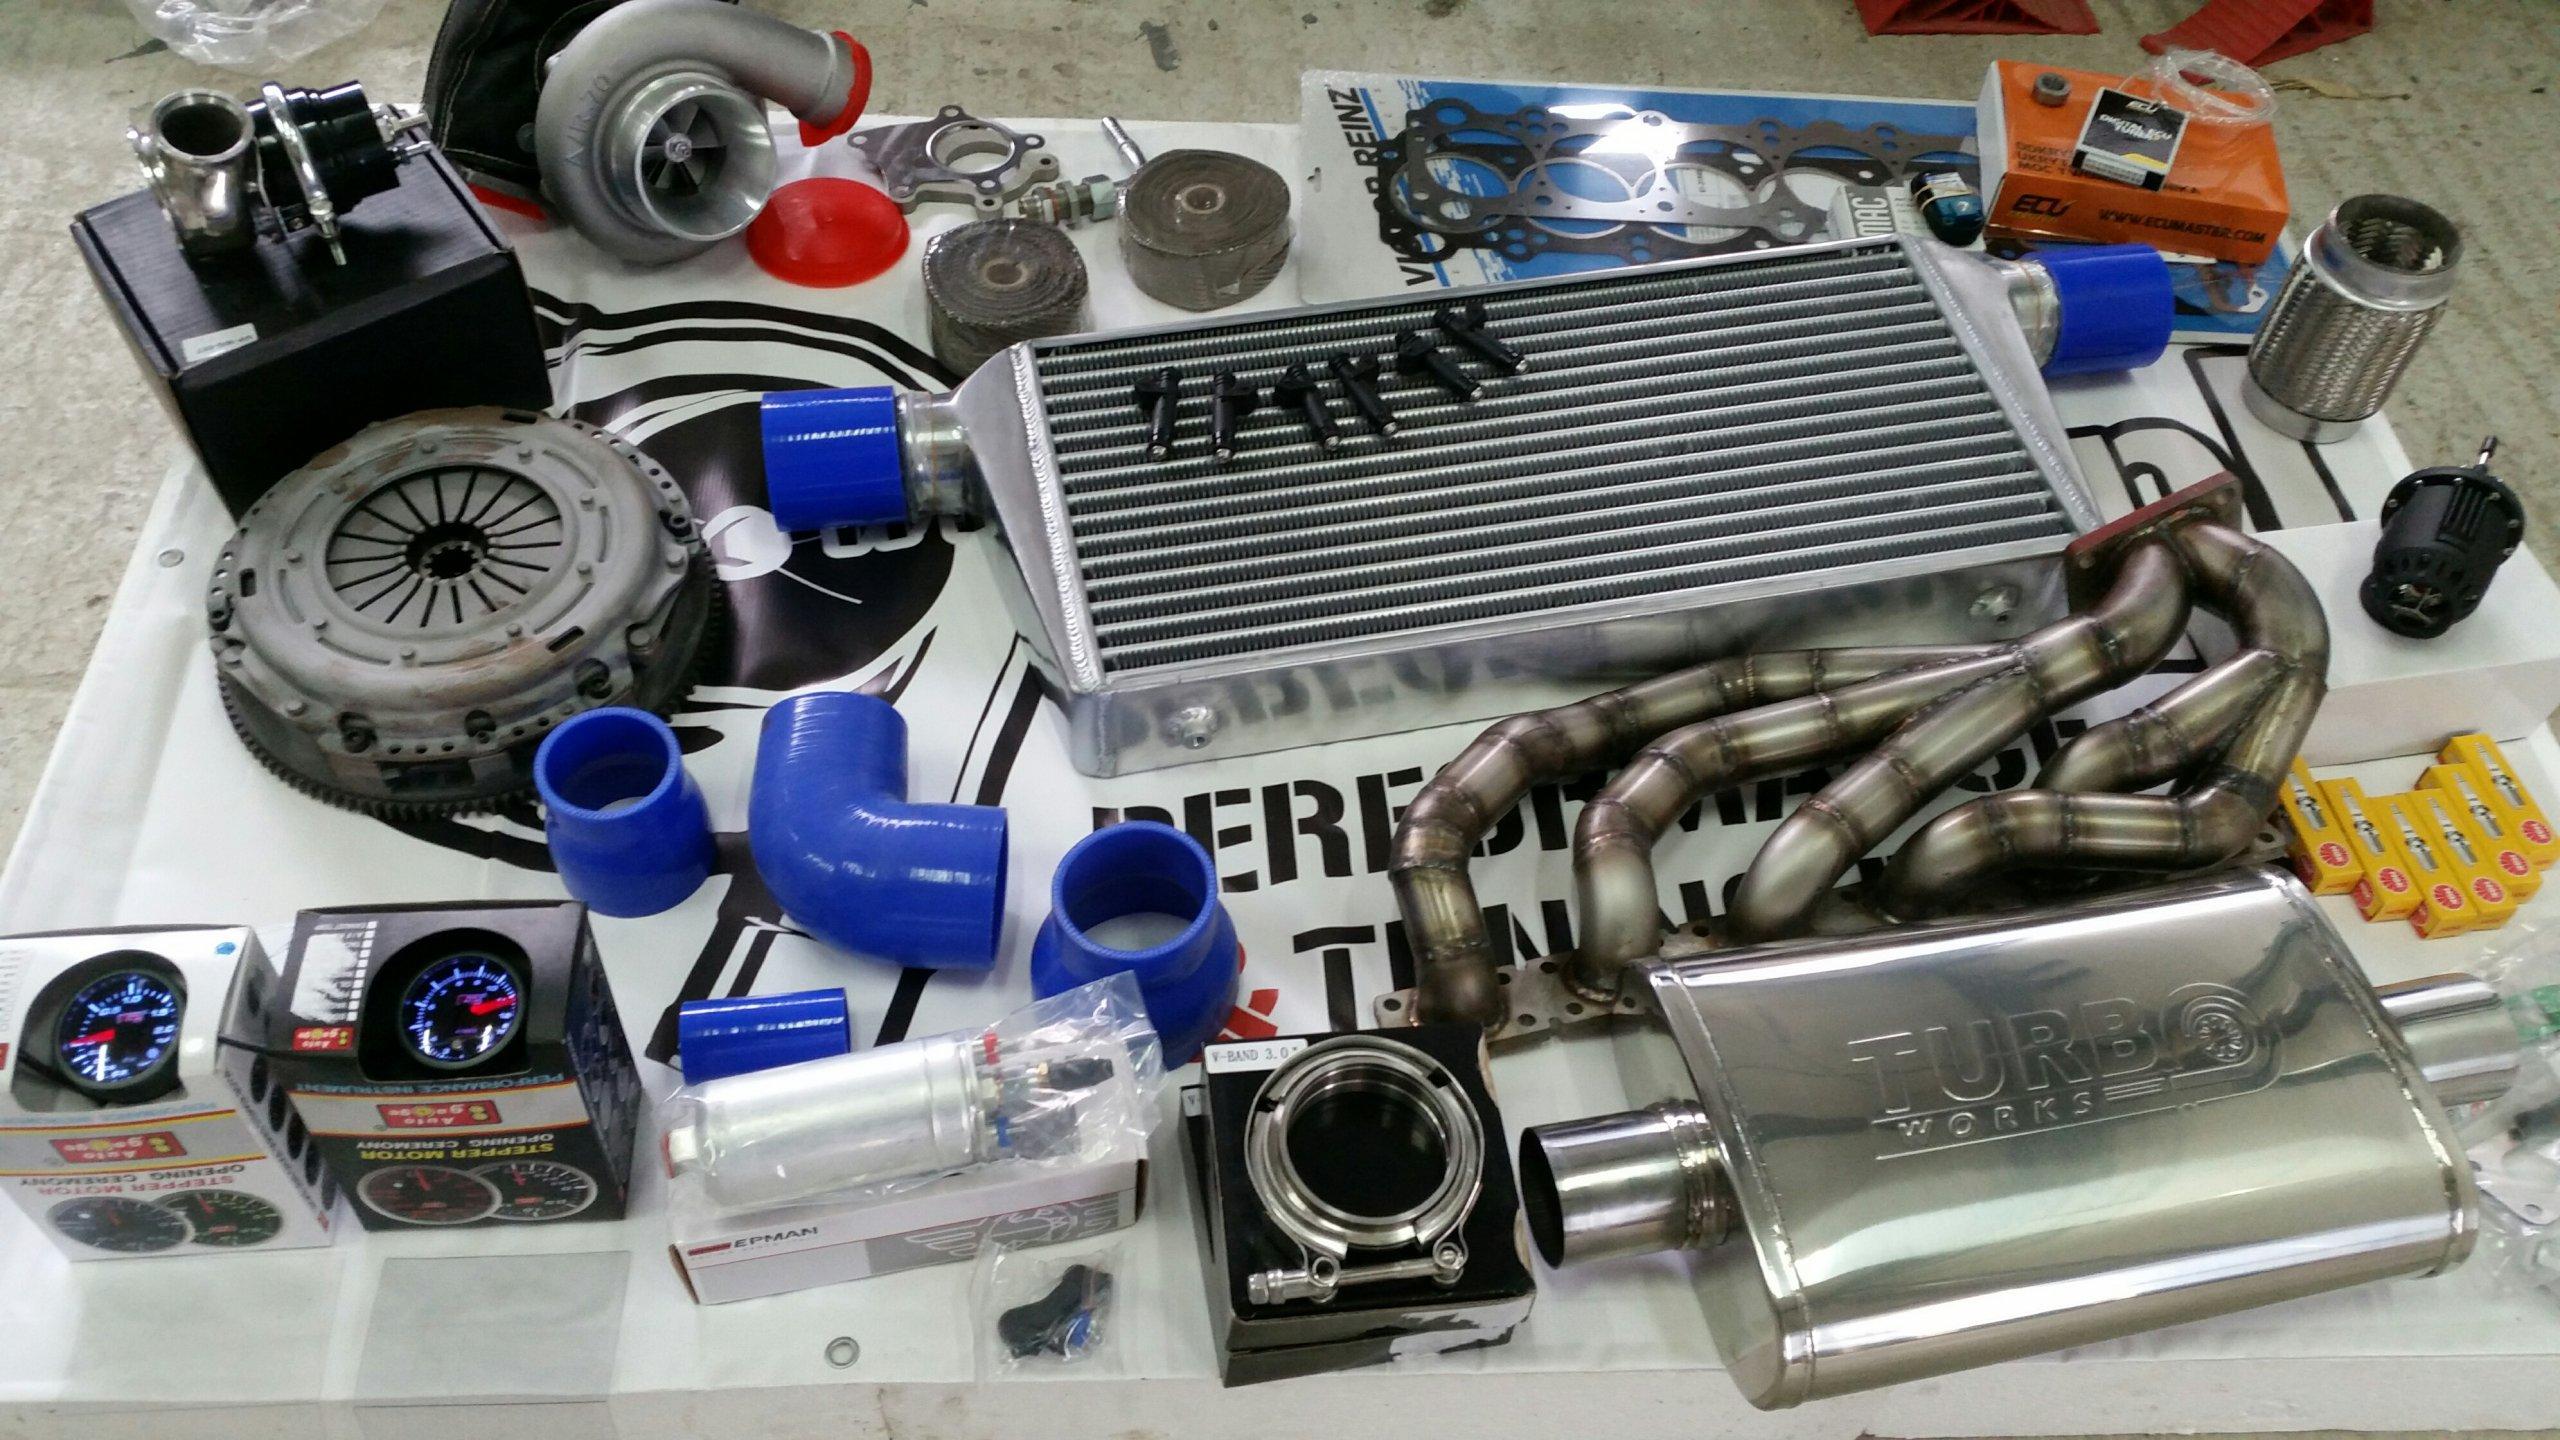 K64 SOFT turbo zestaw kit bmw m50 m52 m54 300-500 - 7020416788